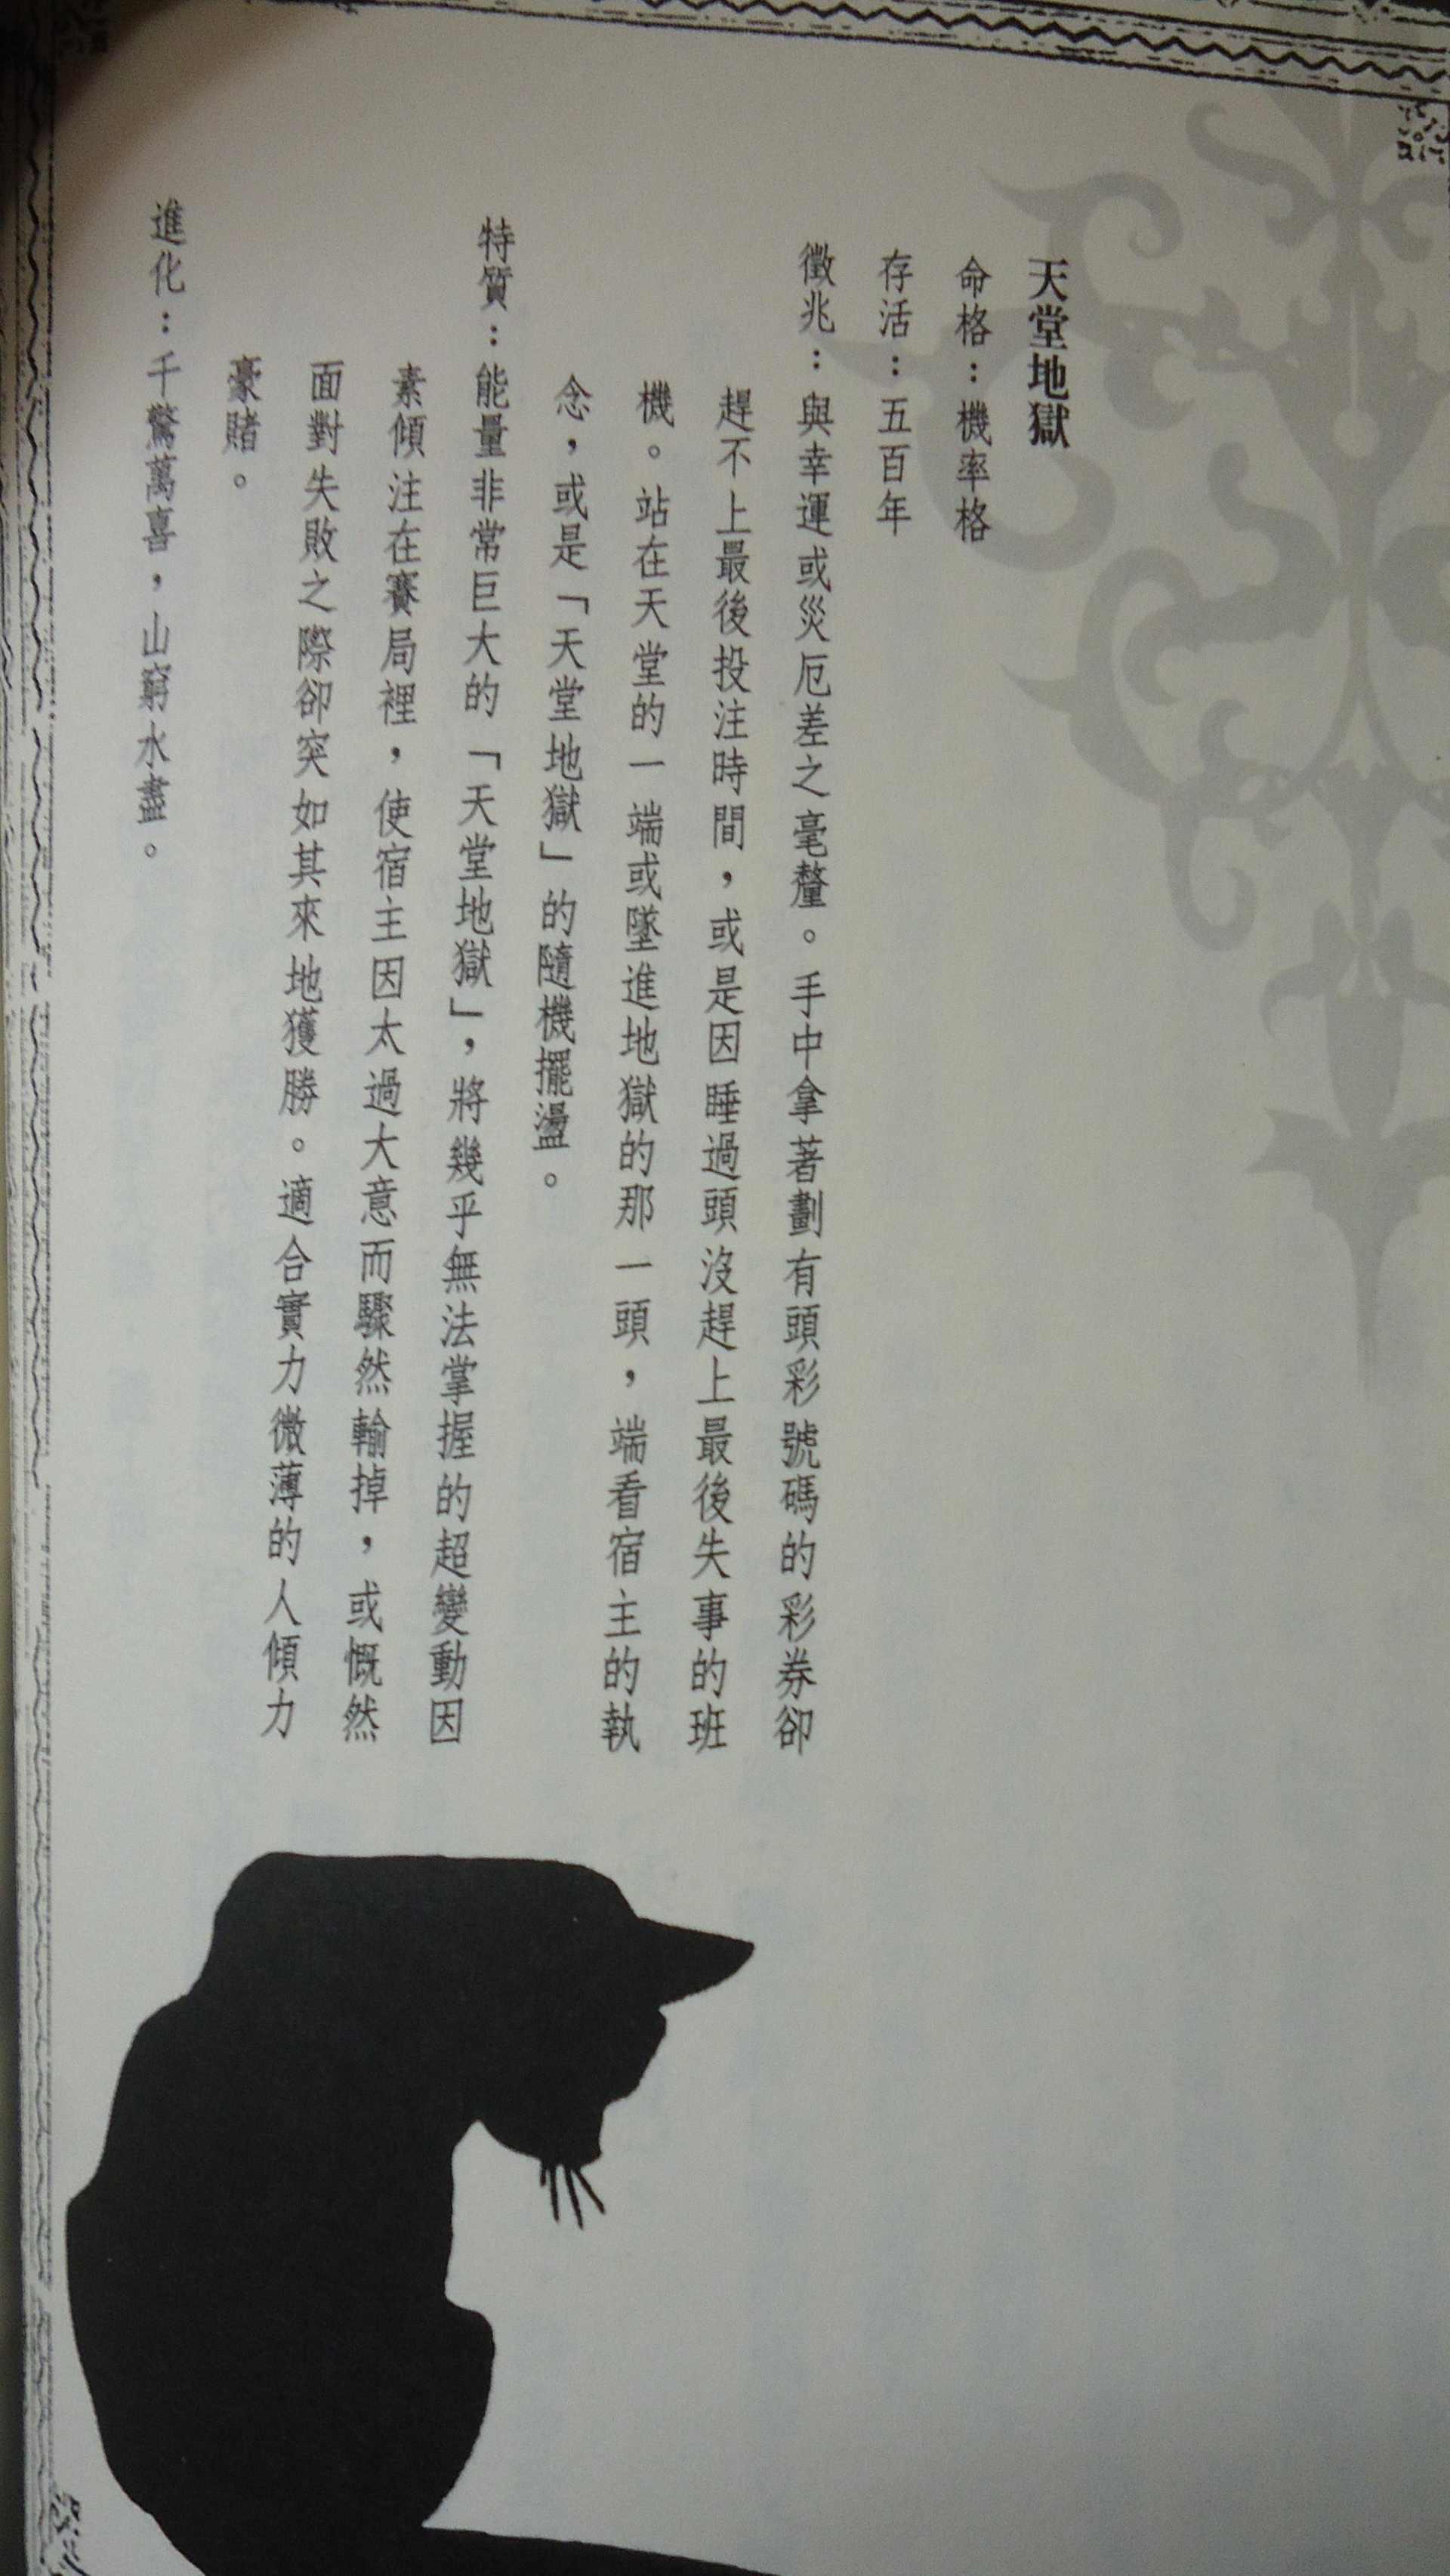 轻小说《符与青狐.上》没有相关联就可以当做是没有发生吗? (3)